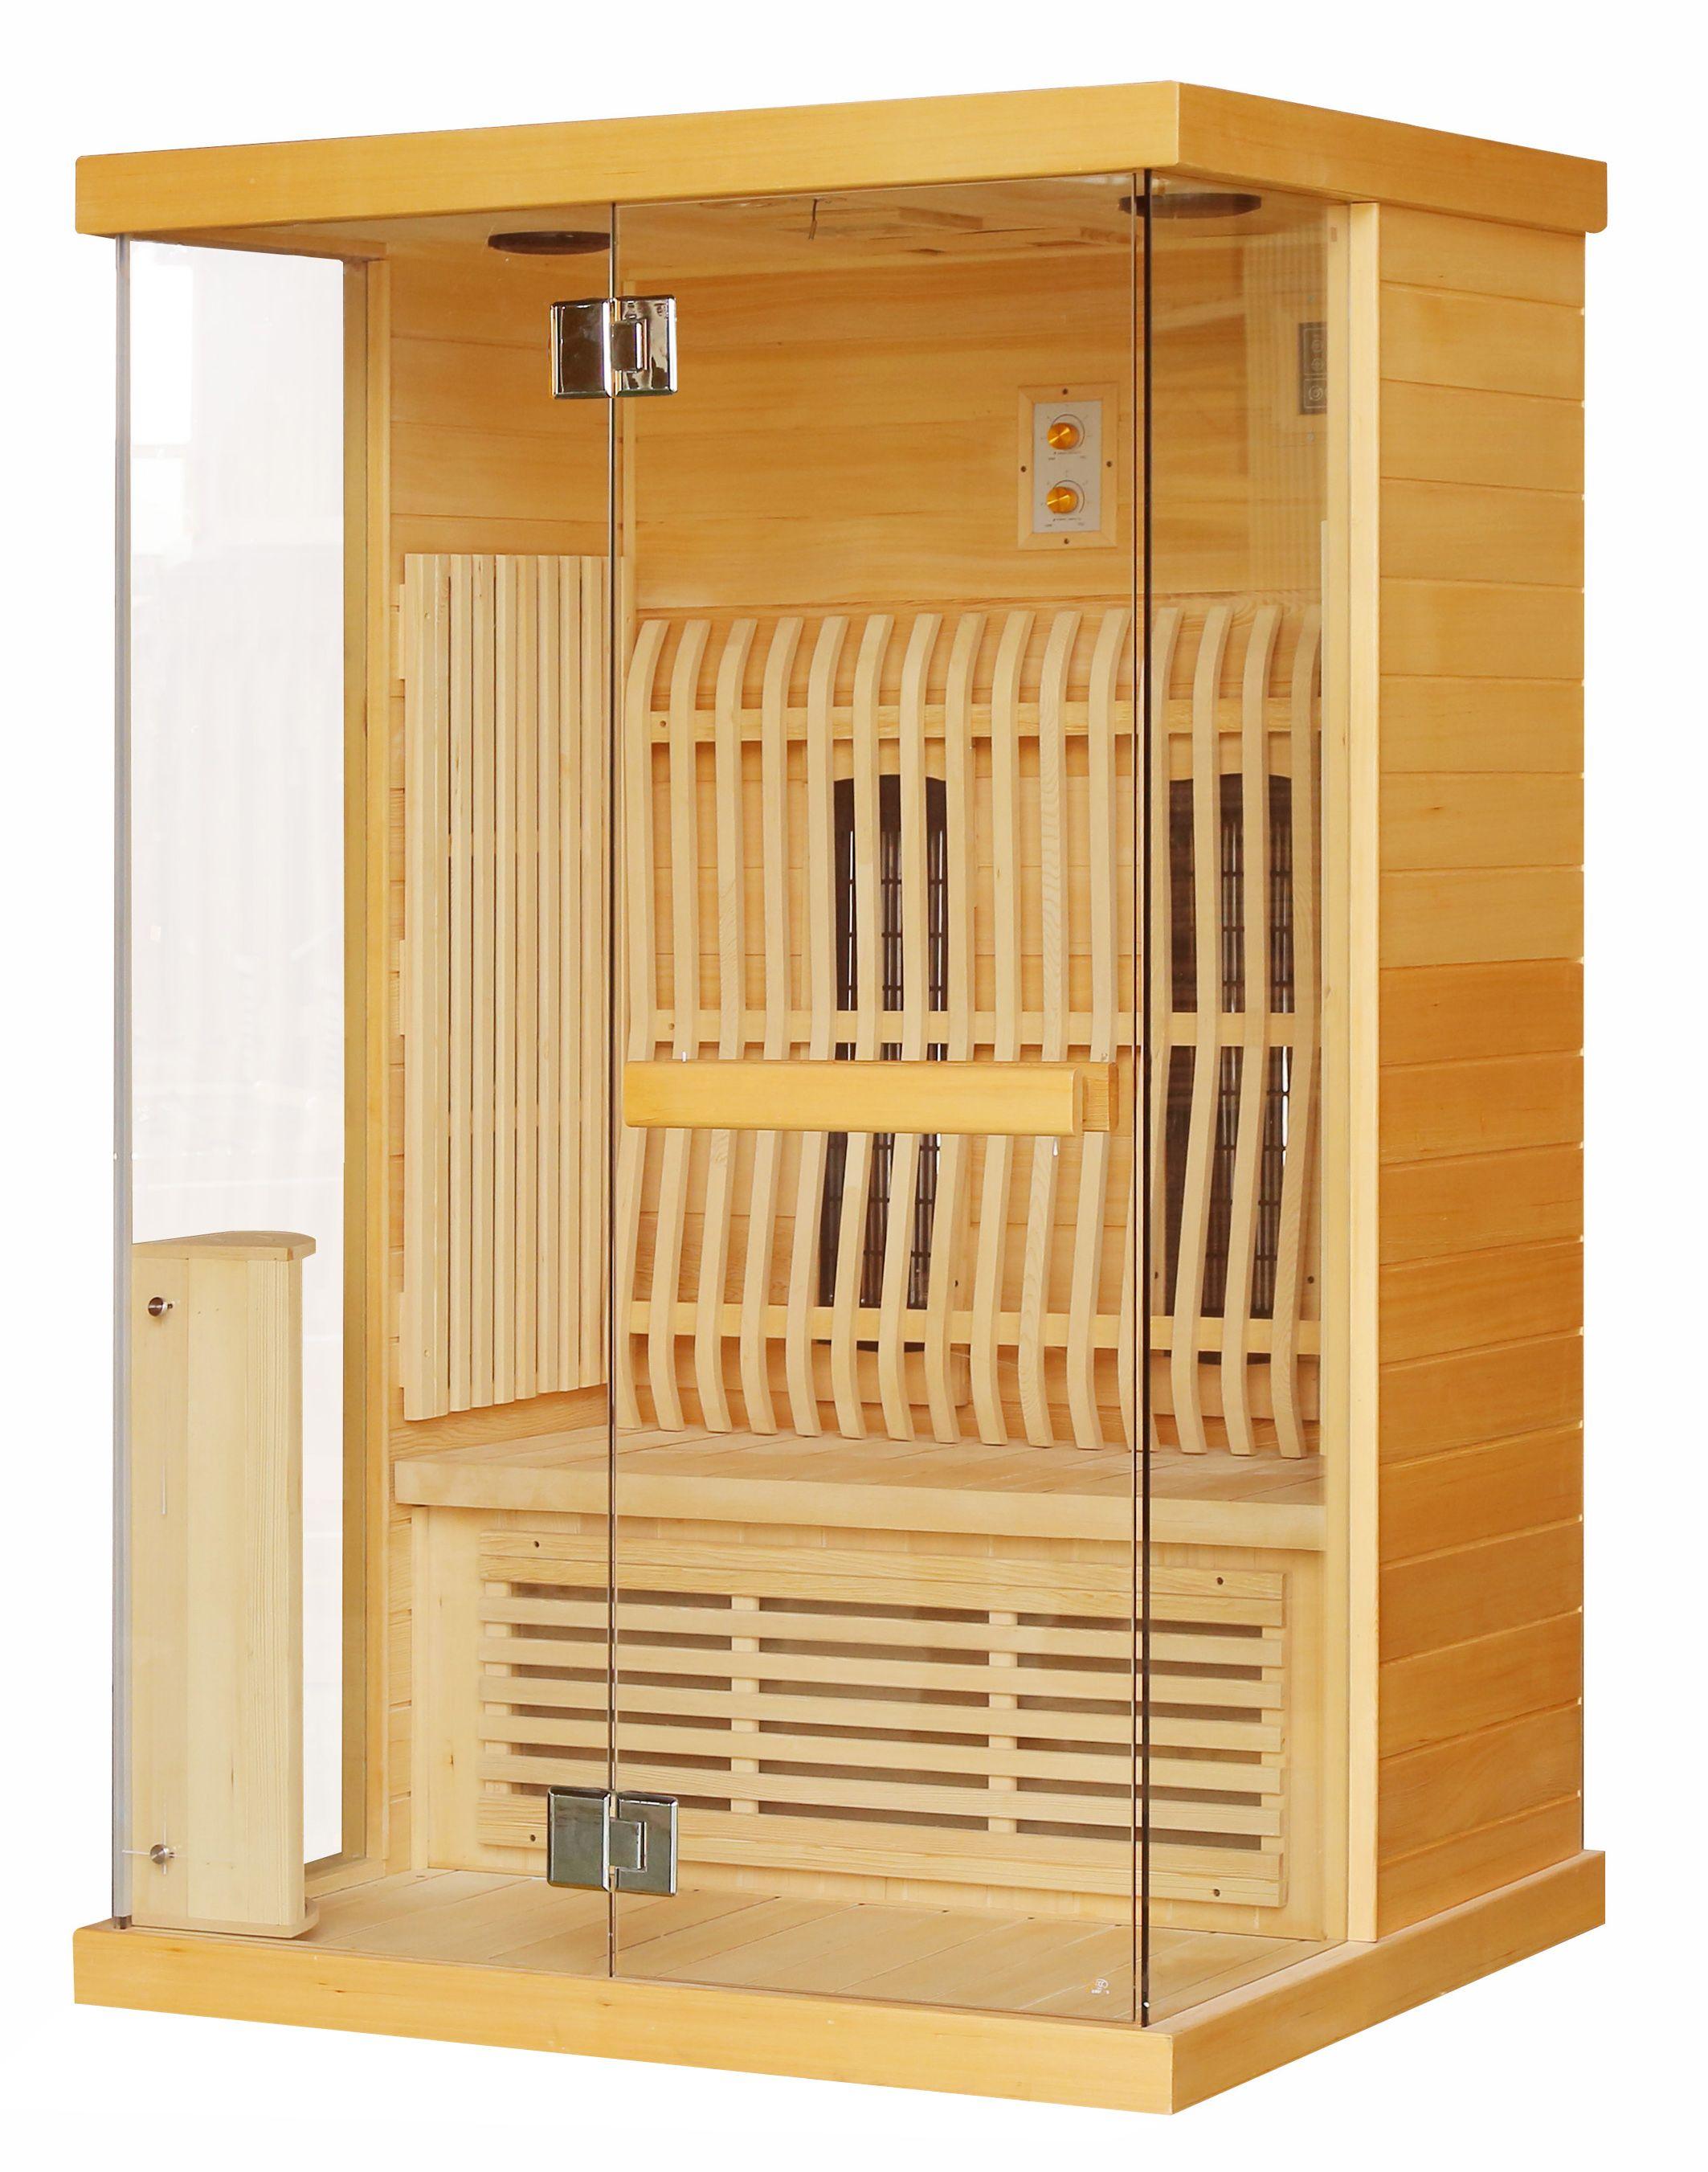 Productafbeelding van Badstuber Luna infrarood sauna 120x100cm 2 persoons